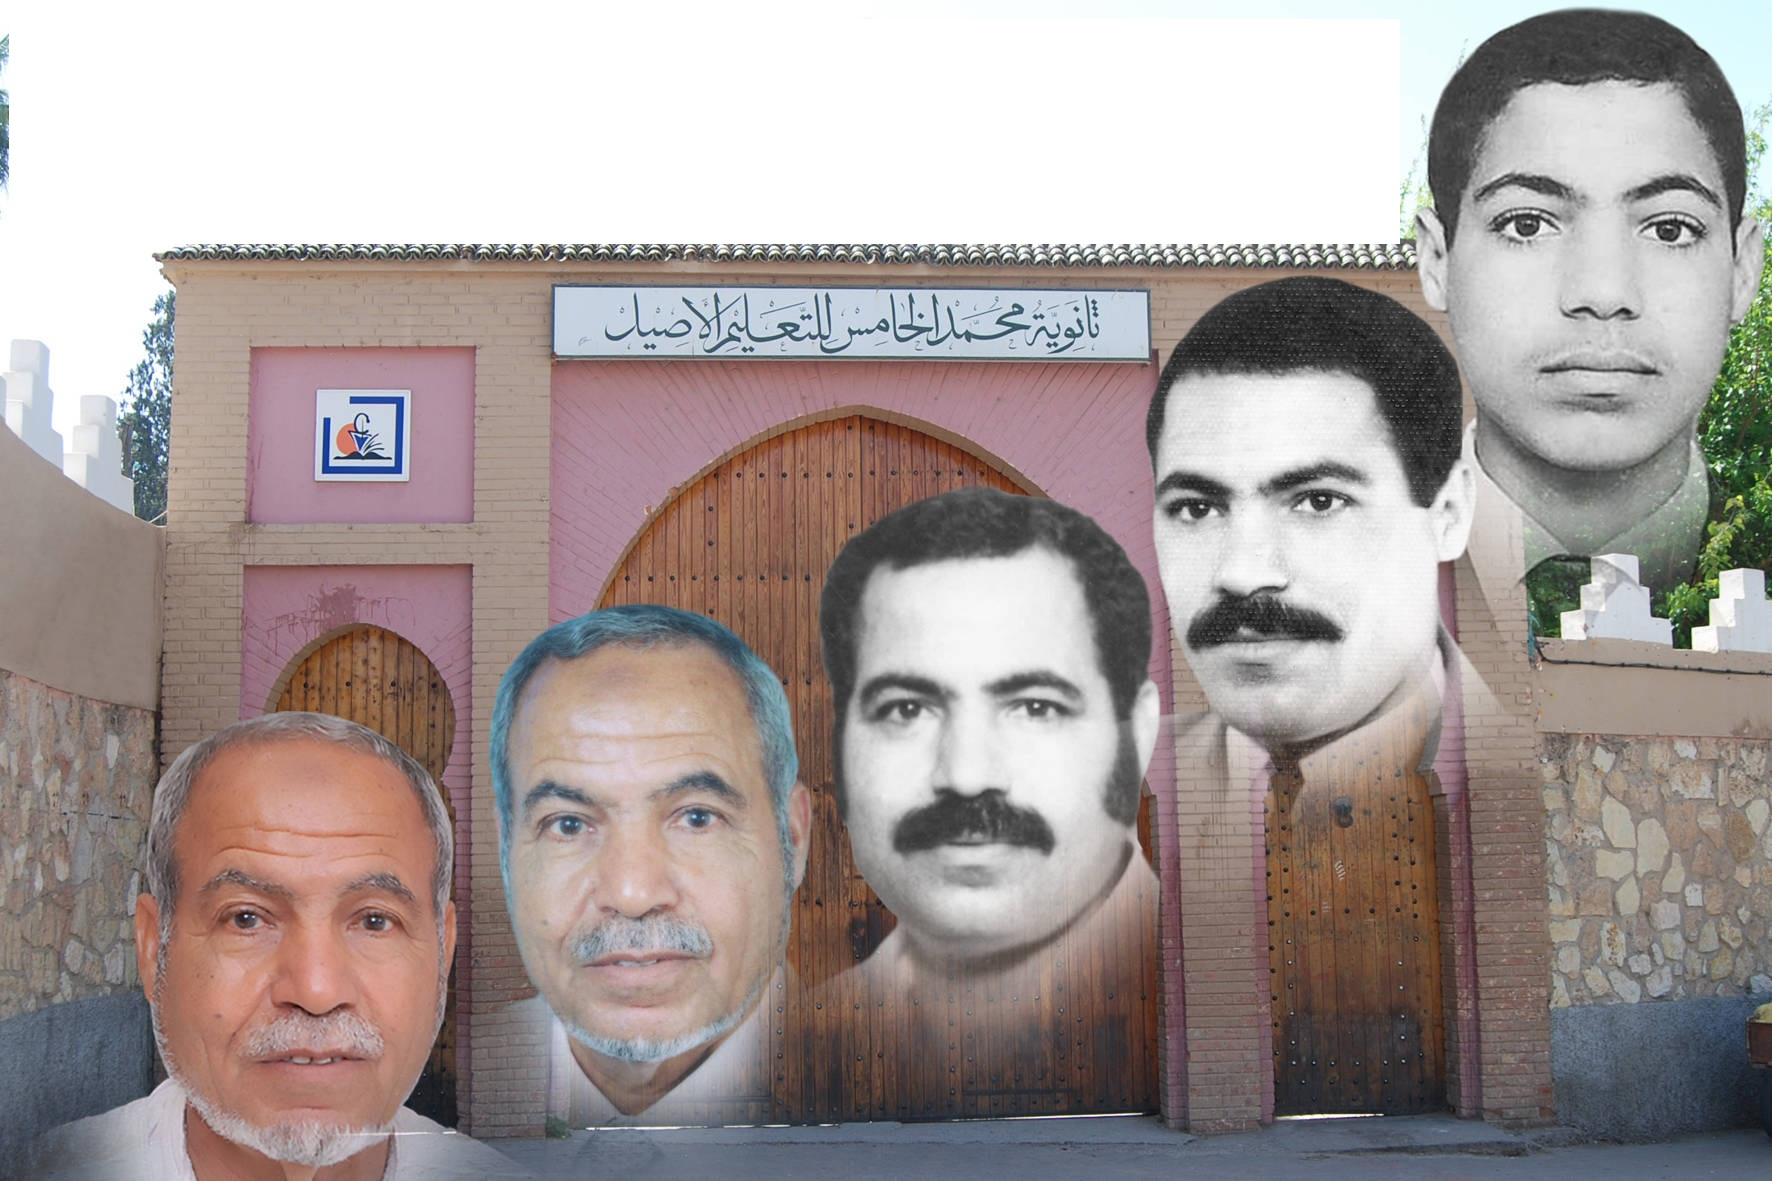 الأستاذ محمد القاف:  كنز اللغة العربية وإرث لأجيال للتعليم